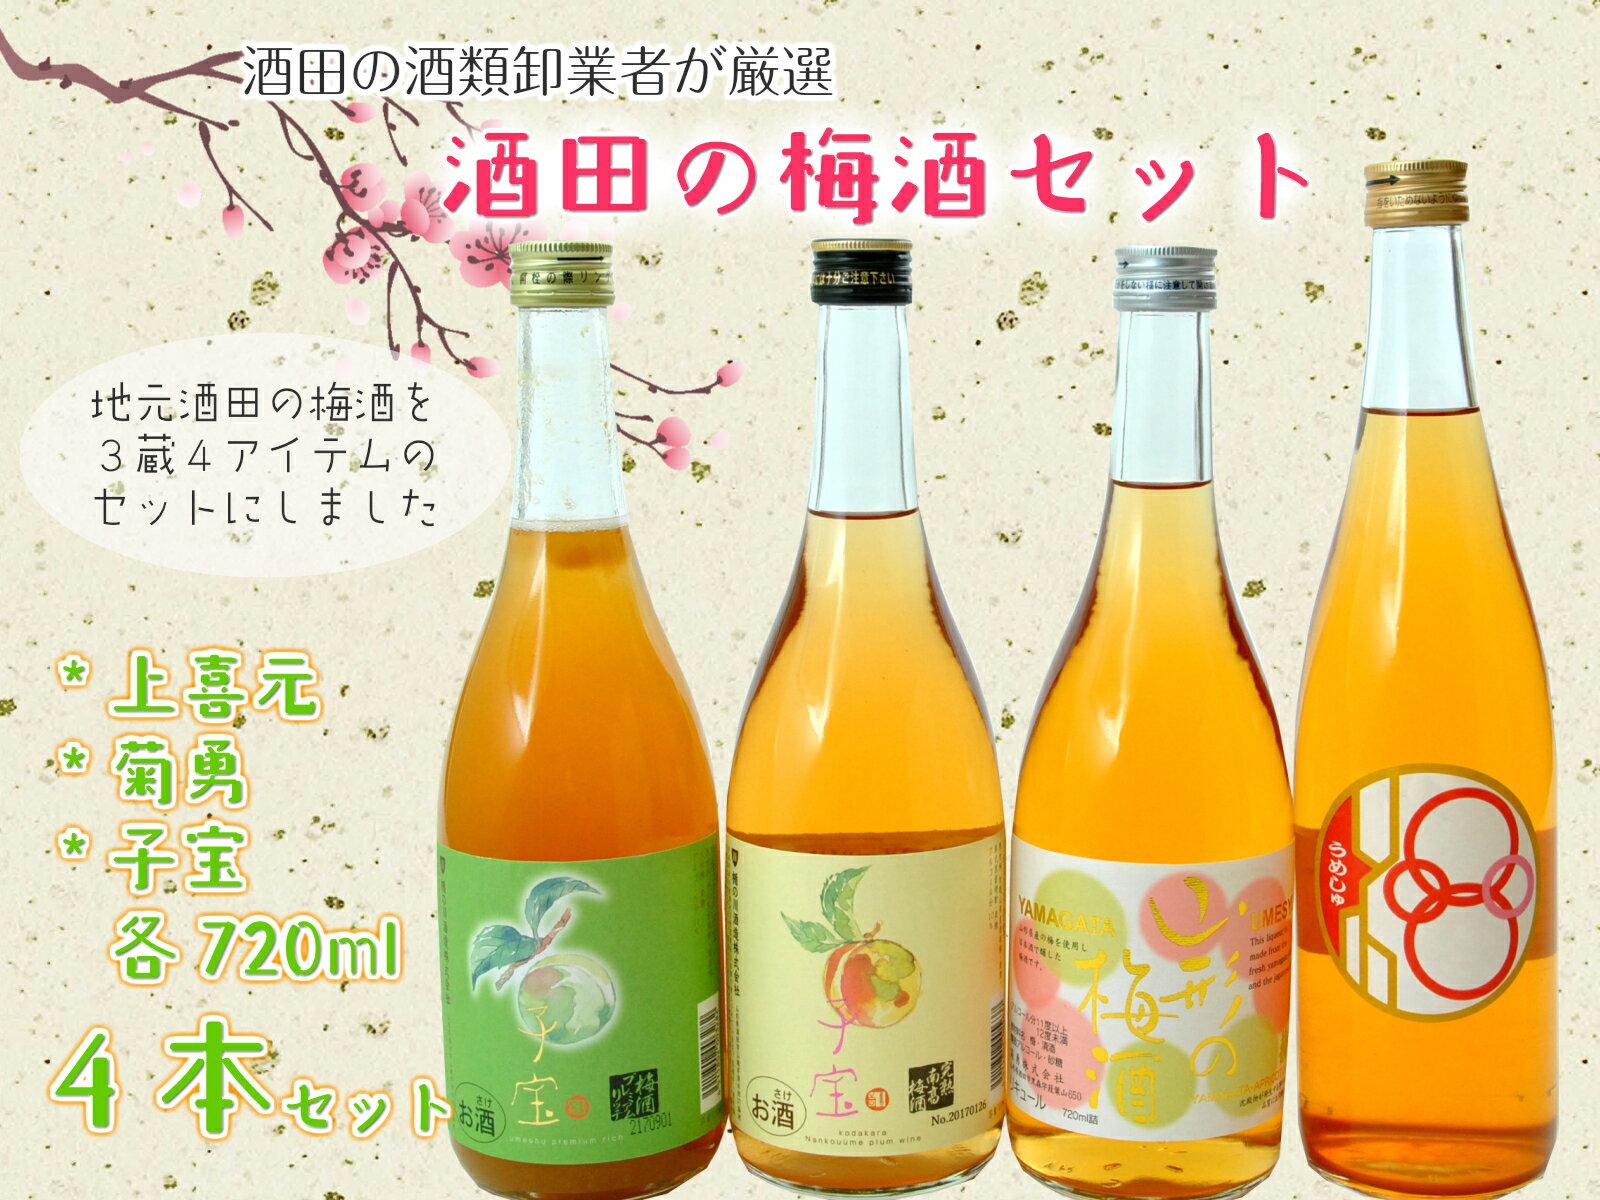 【ふるさと納税】酒田の梅酒セット★酒田の酒類卸業者が厳選!上喜元・菊勇・子宝シリーズの3蔵から4本をお届けします